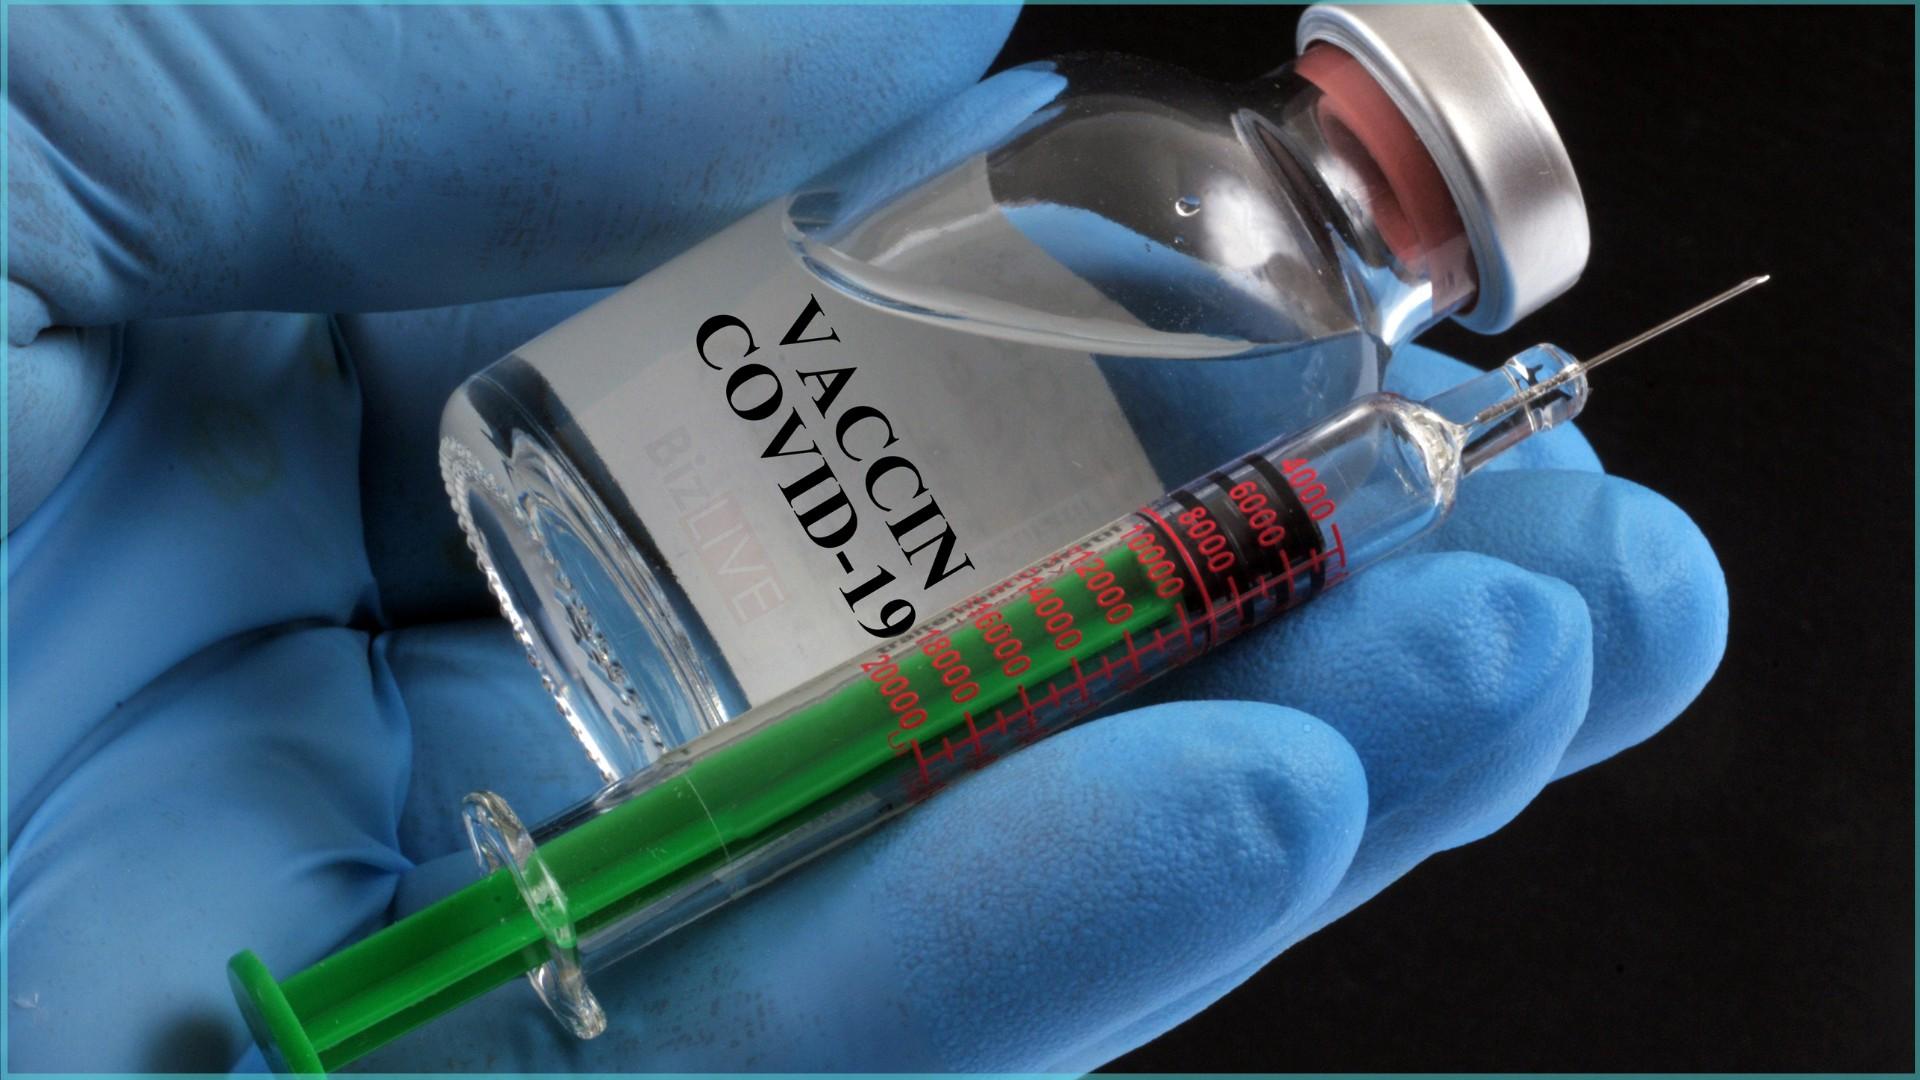 Các địa phương được chỉ định thầu mua sắm thiết bị chống dịch COVID-19 trong trường hợp cấp bách